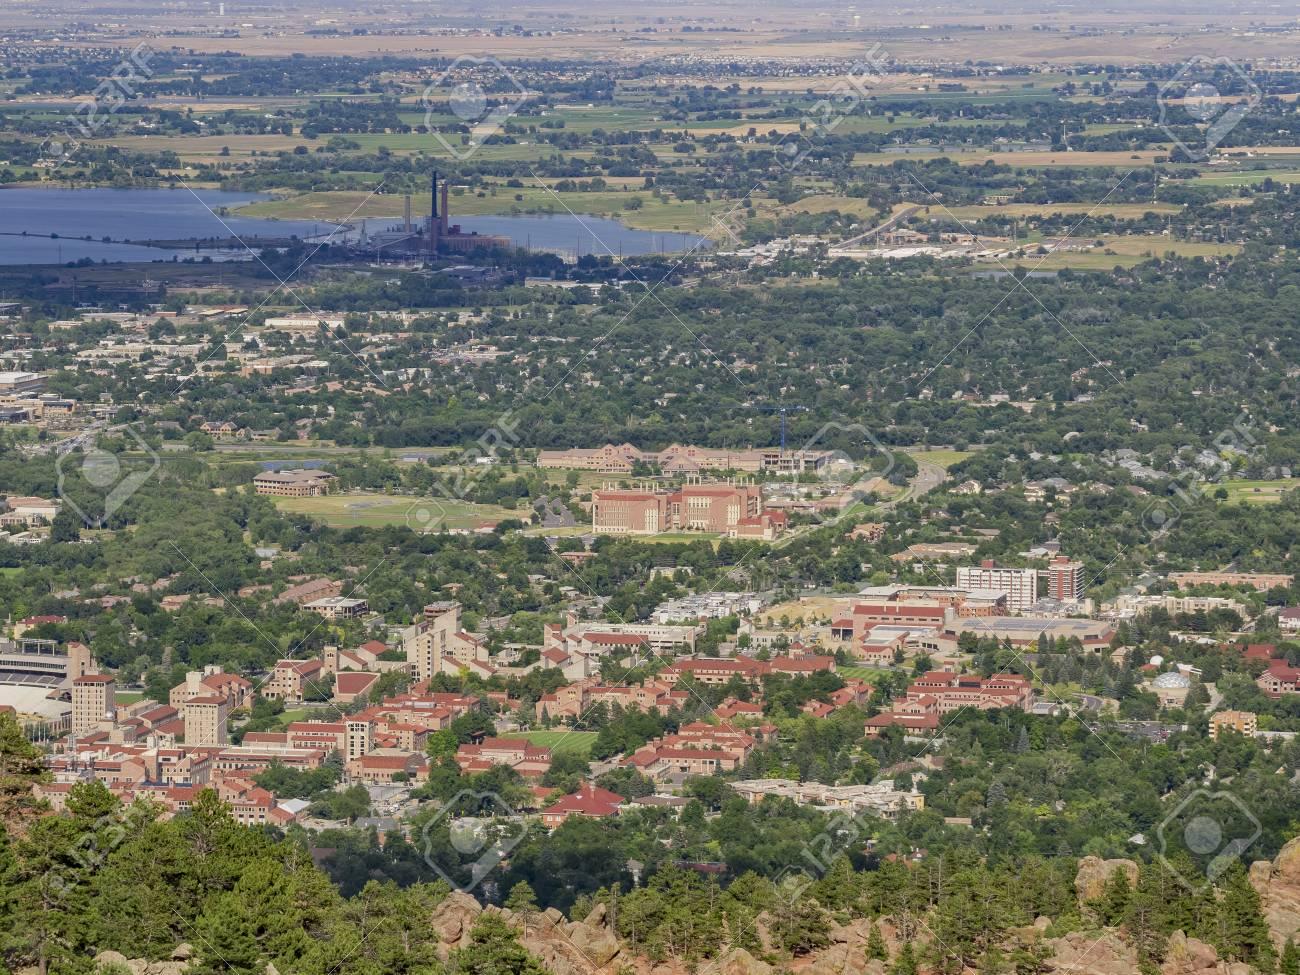 コロラド州ボルダーの航空写真 の写真素材・画像素材 Image 94198130.